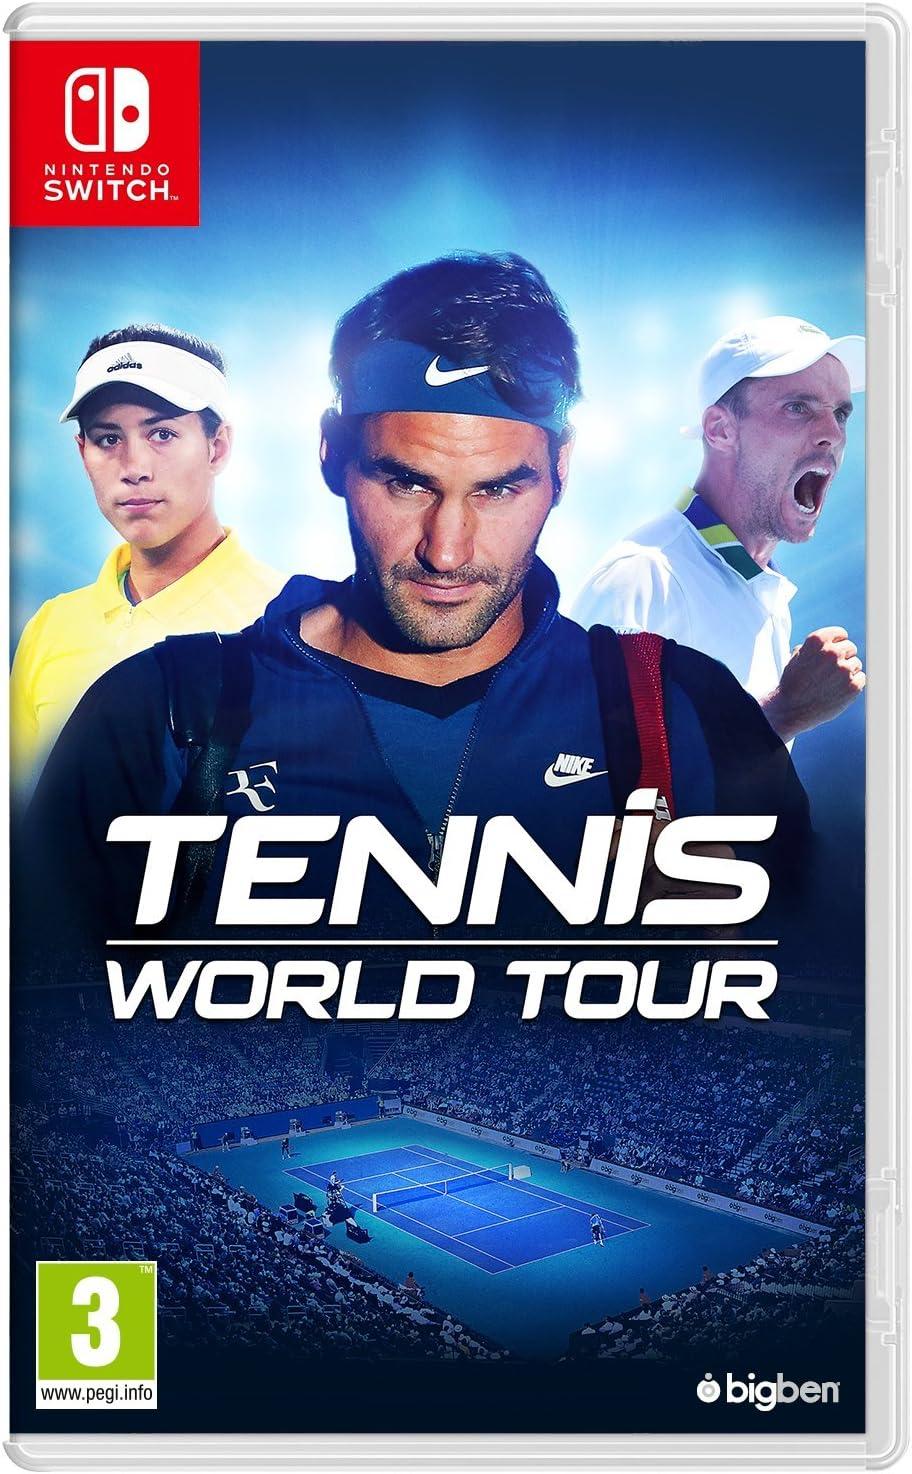 Tennis World Tour - Edición Estándar: Amazon.es: Videojuegos